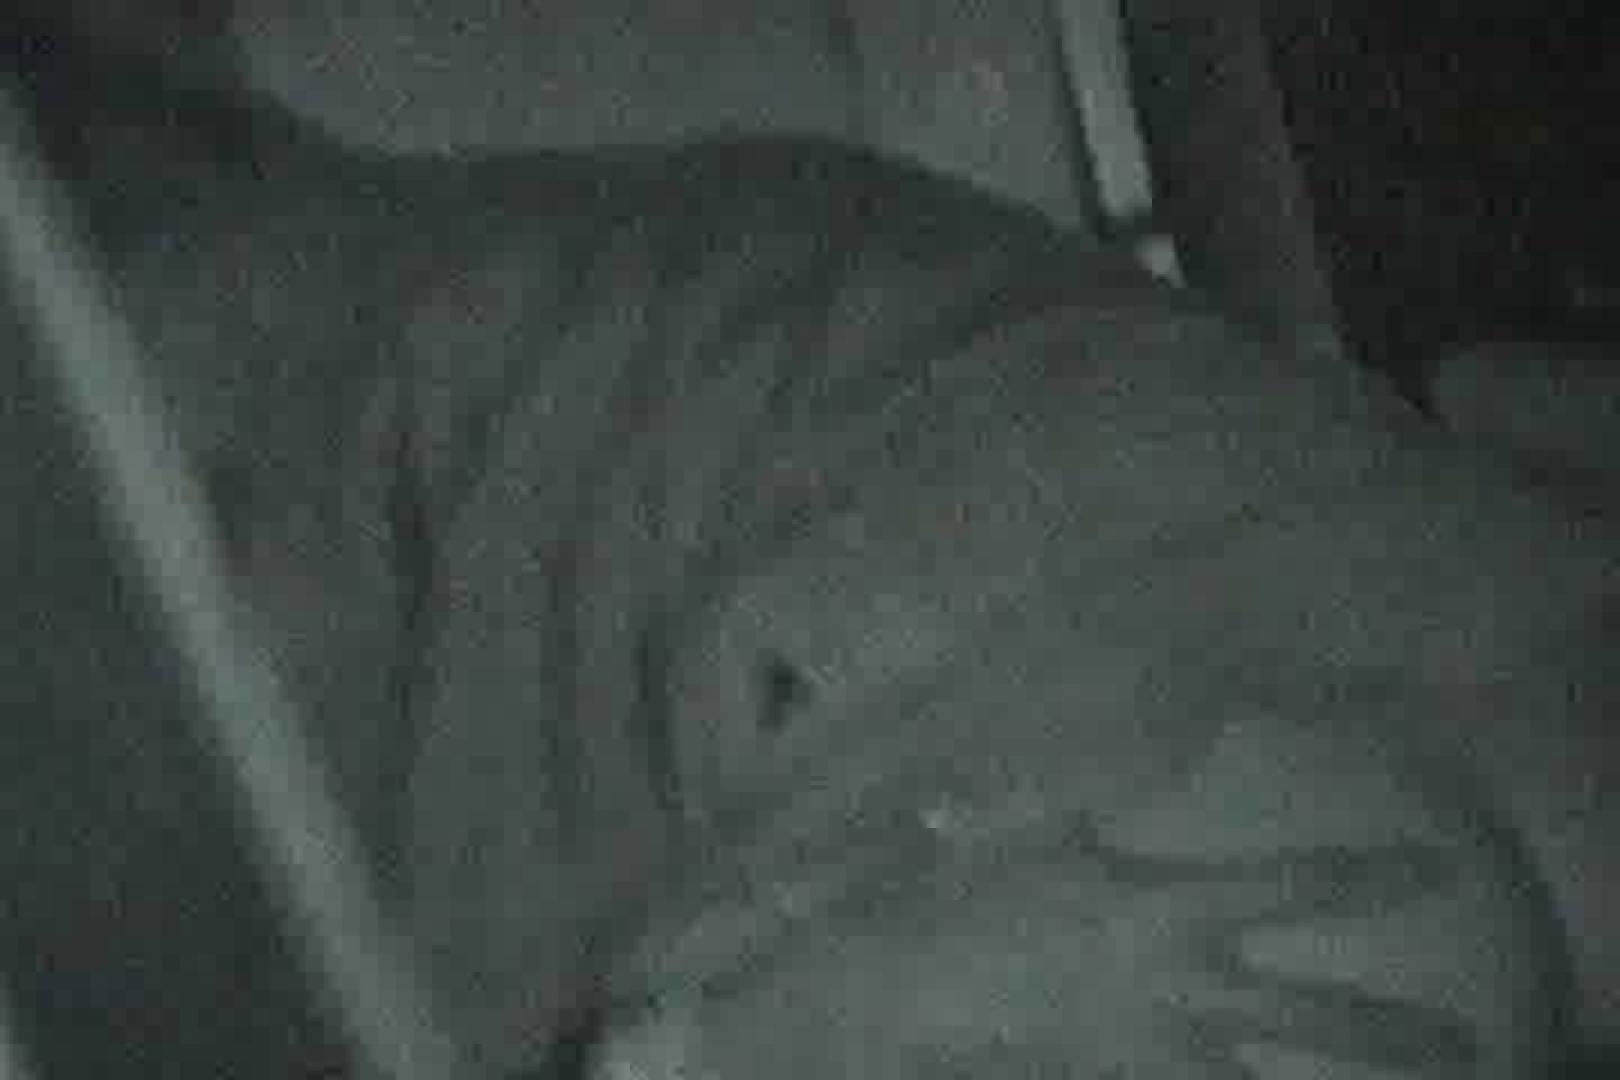 充血監督の深夜の運動会Vol.2 OLセックス  69画像 28